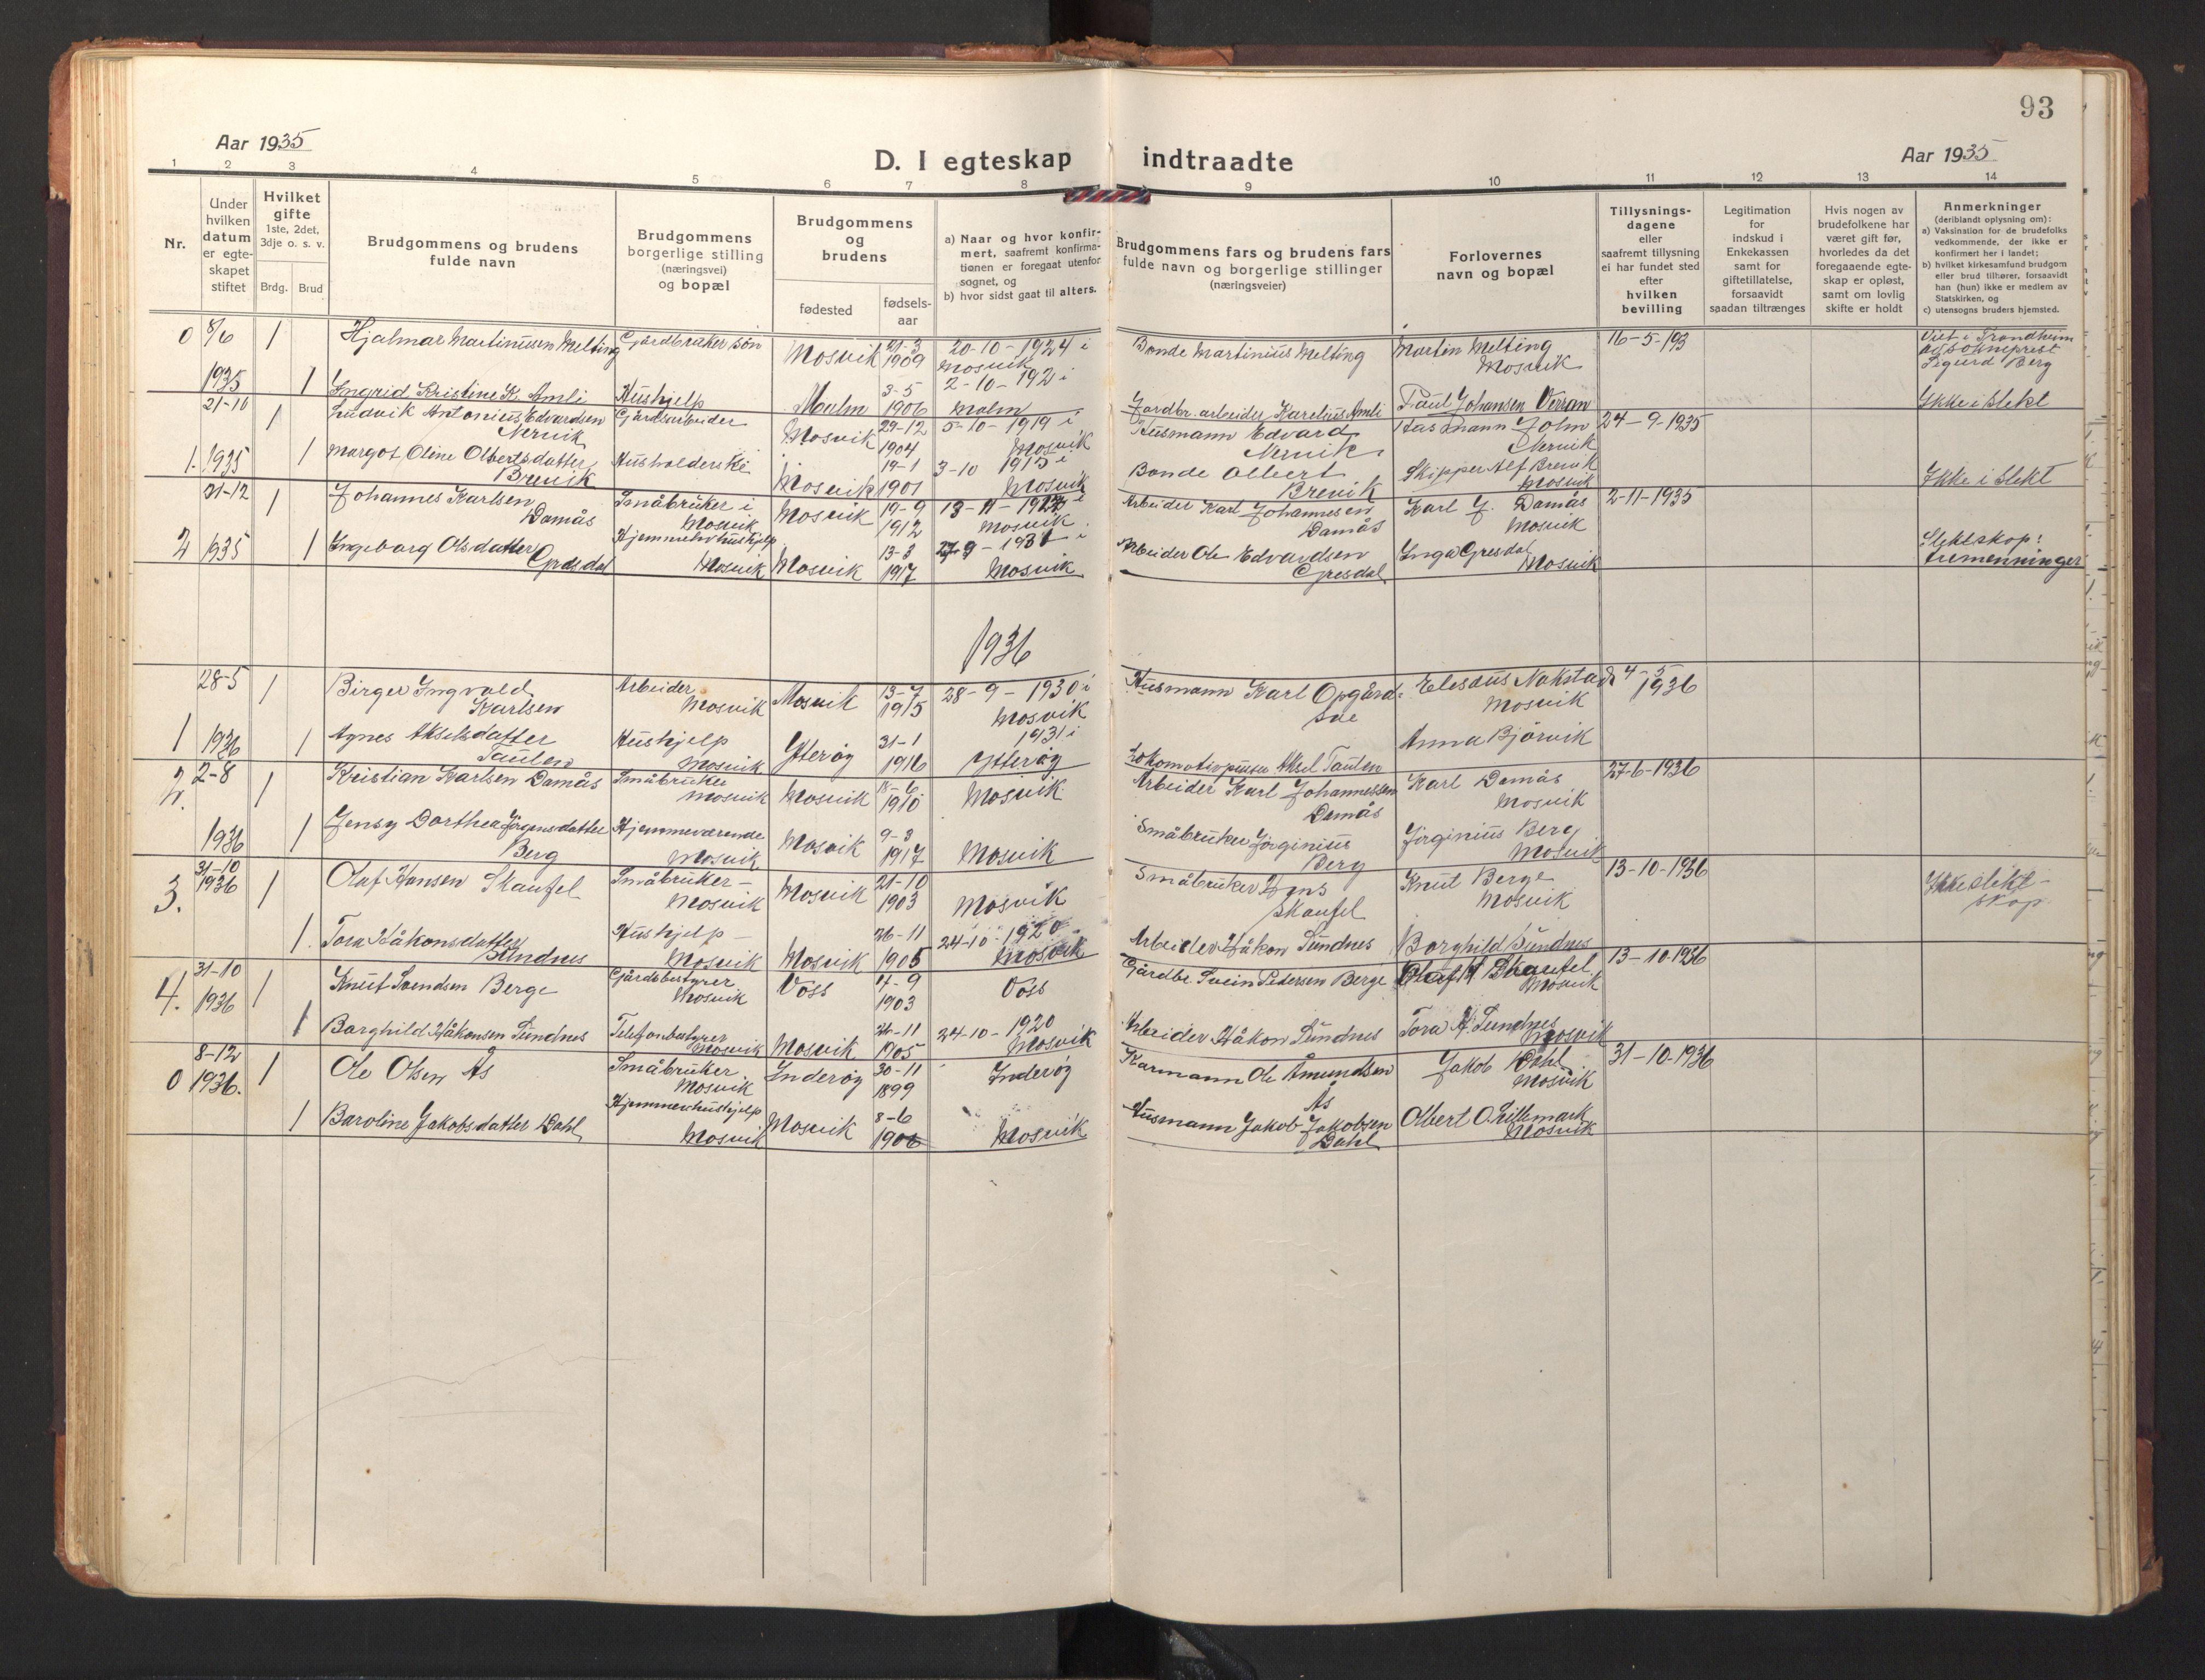 SAT, Ministerialprotokoller, klokkerbøker og fødselsregistre - Nord-Trøndelag, 733/L0328: Klokkerbok nr. 733C03, 1919-1966, s. 93